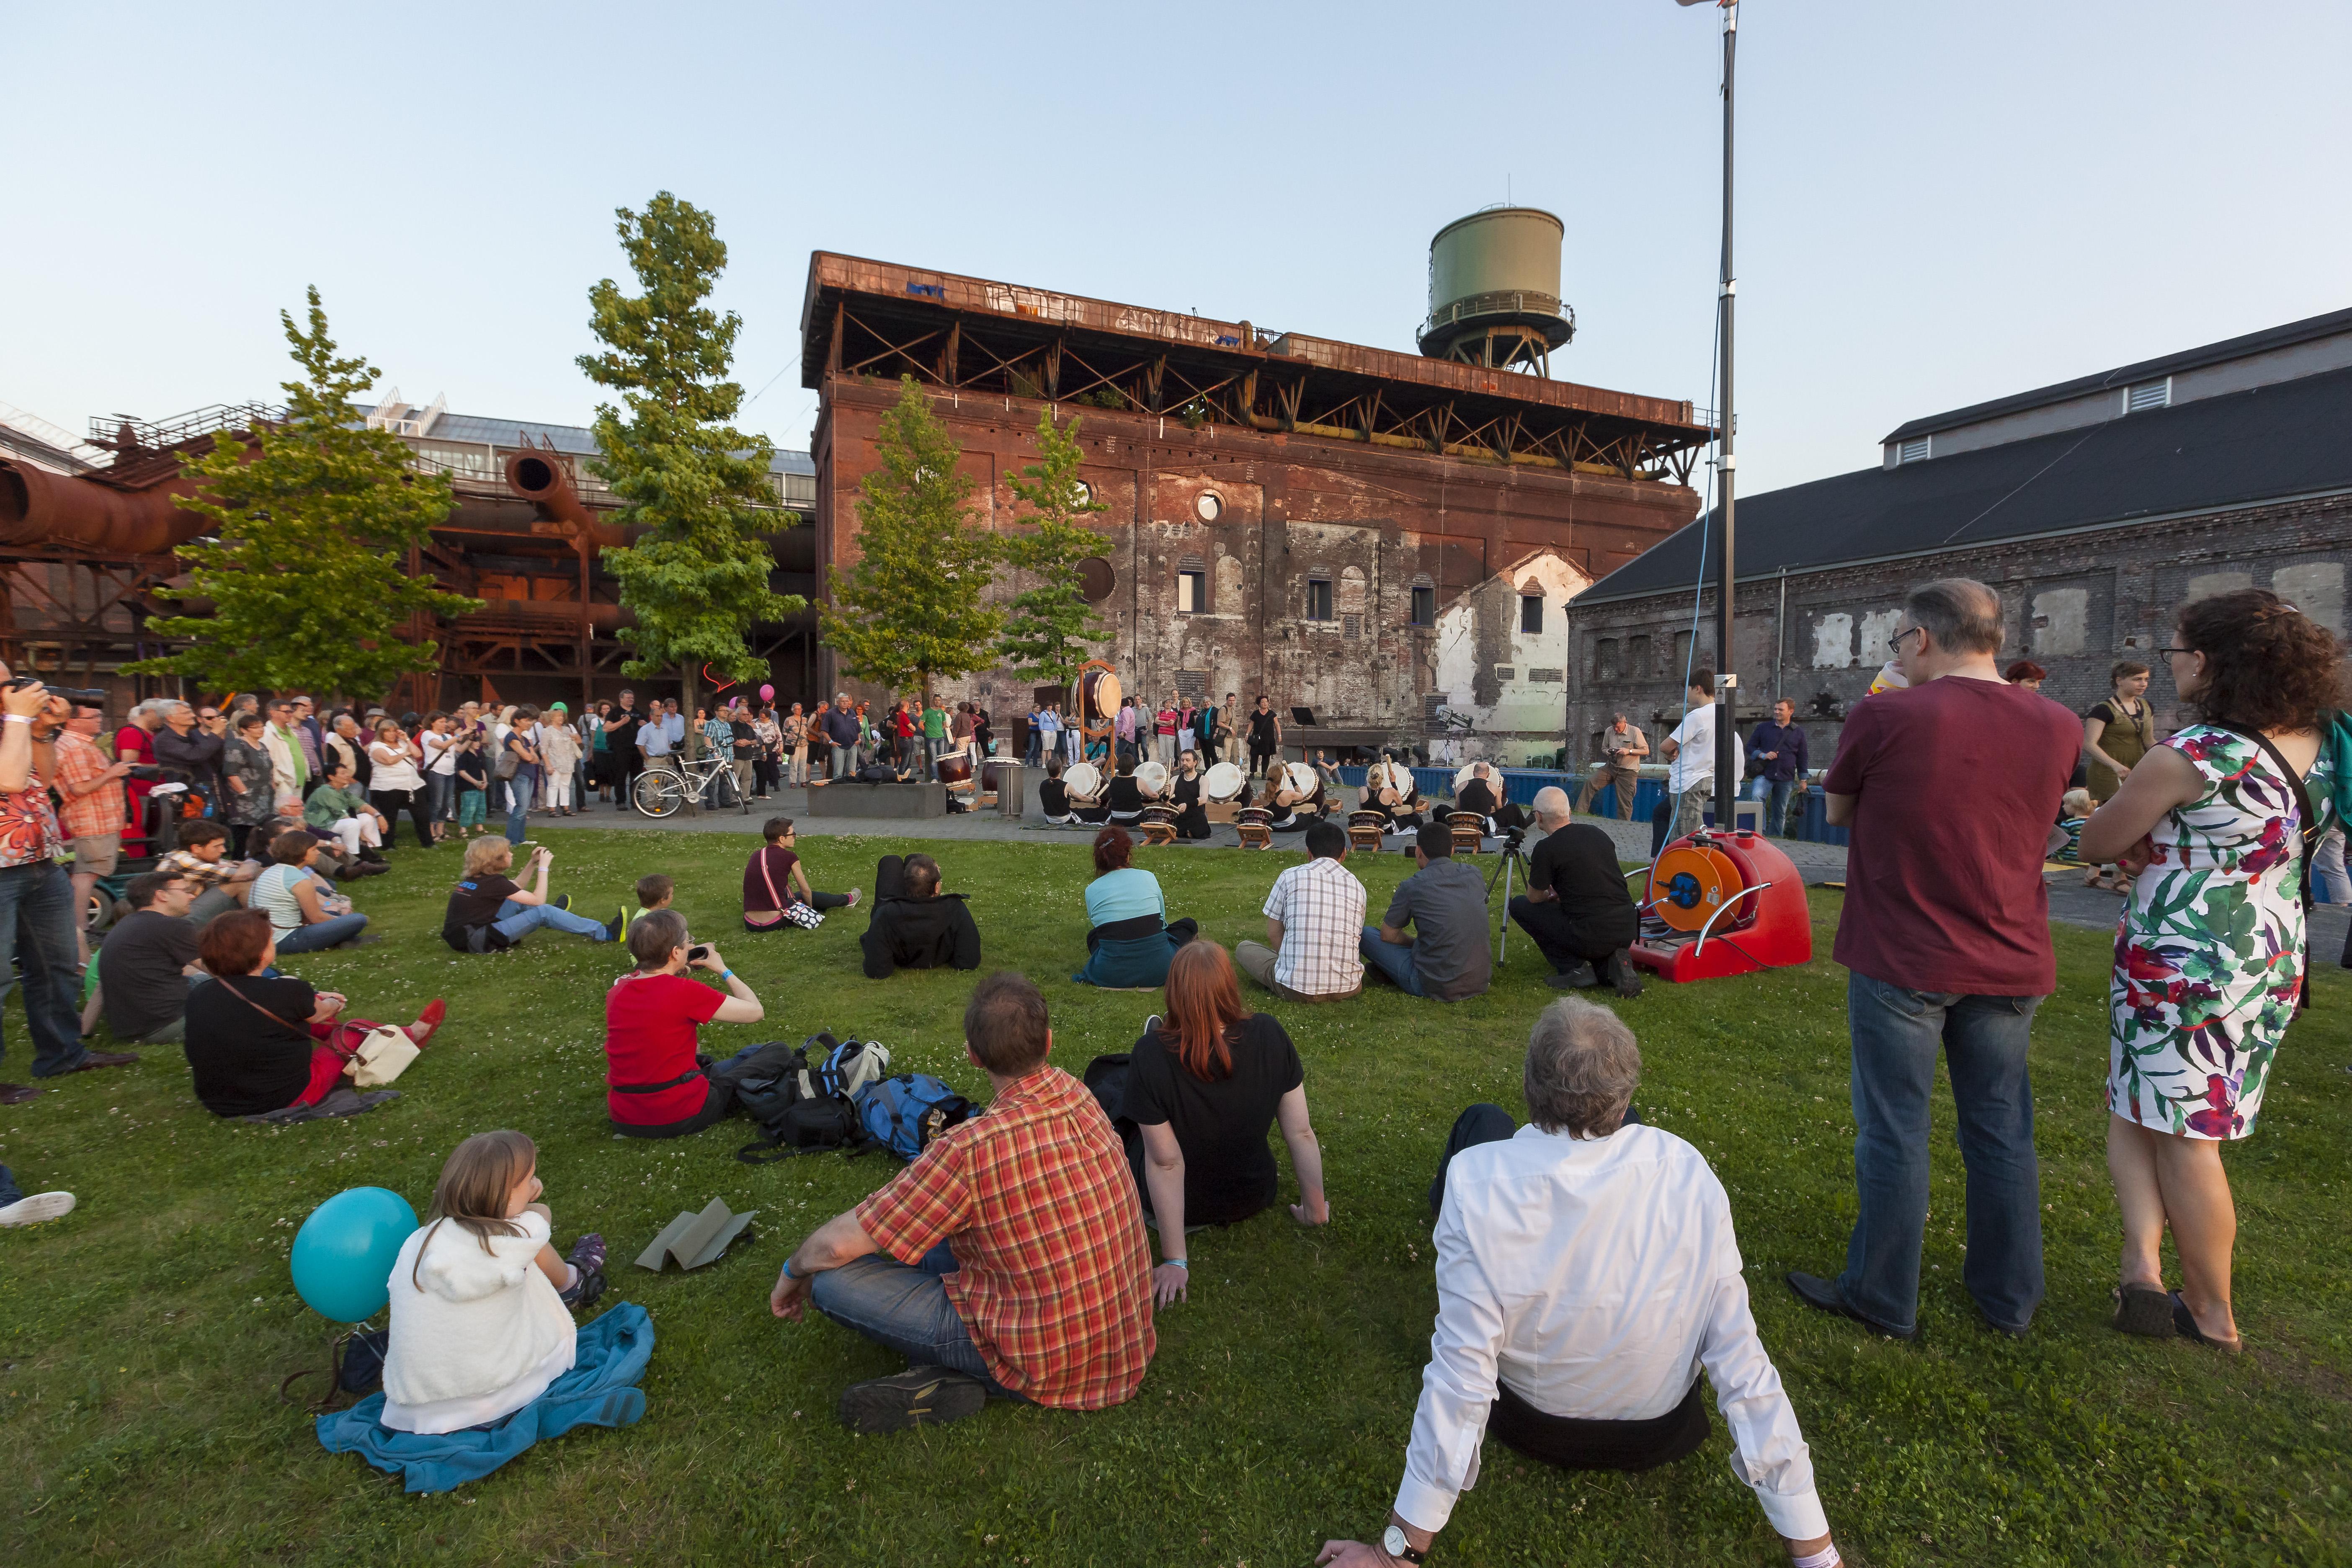 Das Foto zeigt die Jahrhunderthalle Bochum zur ExtraSchicht, wo viele Menschen die Szeneie auf den gemütlichen Wiesen genießen